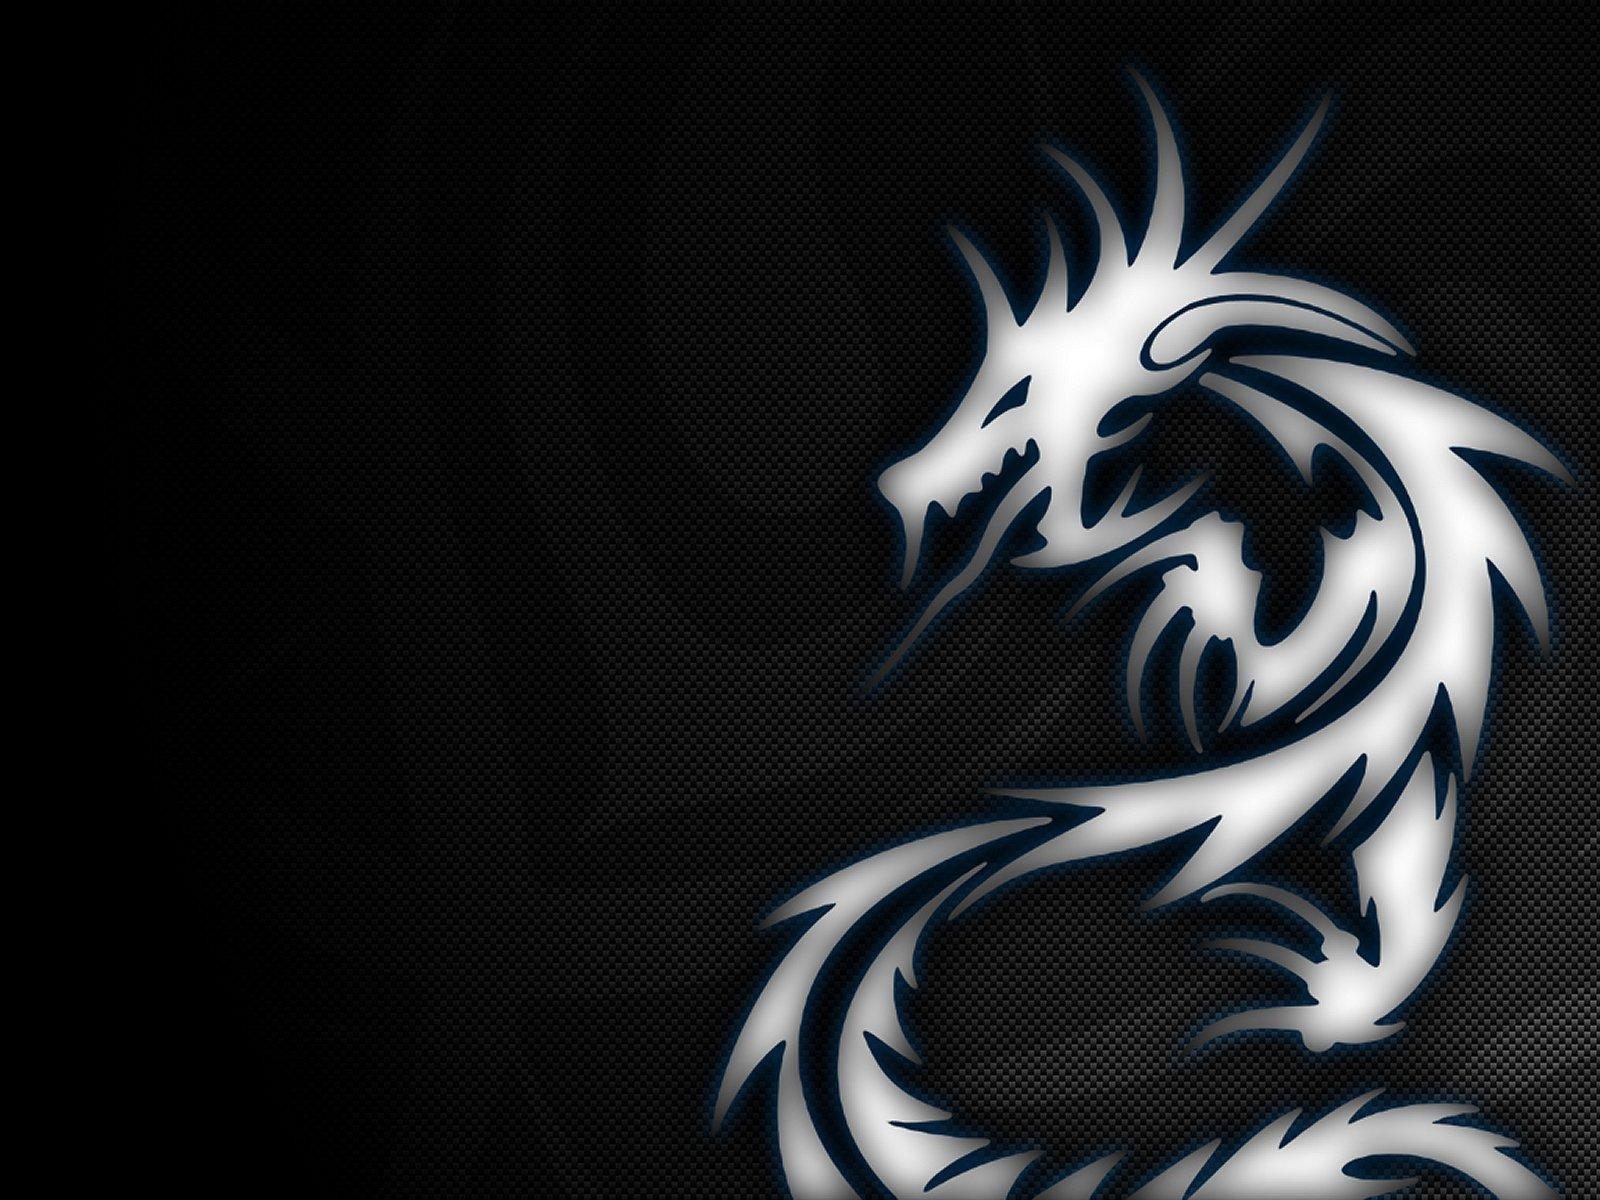 http://1.bp.blogspot.com/-ERNeEK7YcIo/T3mqdMTiS2I/AAAAAAAAAk4/2E6CN9BSBoo/s1600/Dragon-Desktop-Wallpaper.jpg